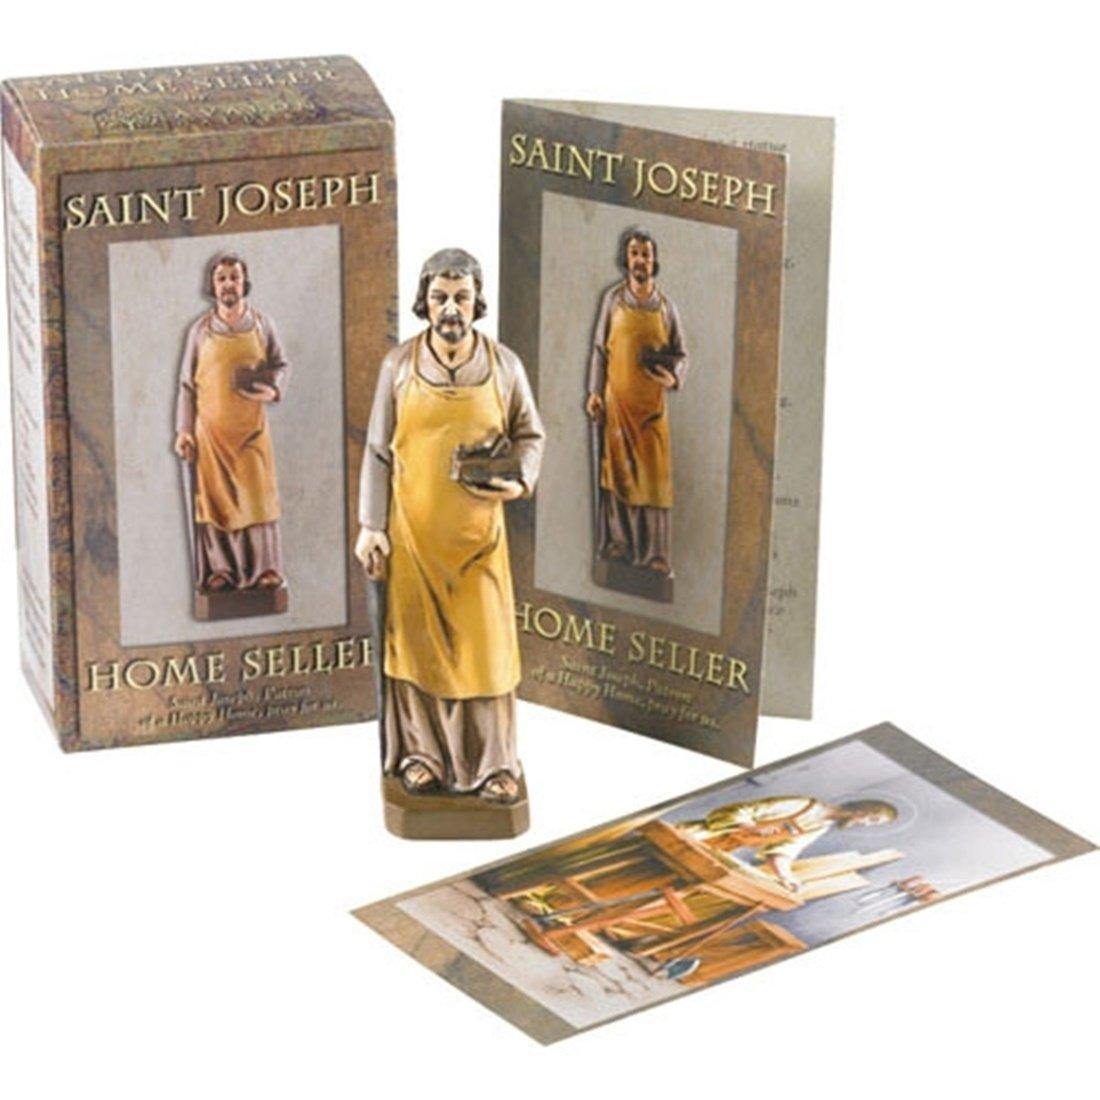 St. Joseph Home Seller Statue Kit LTD 6061862